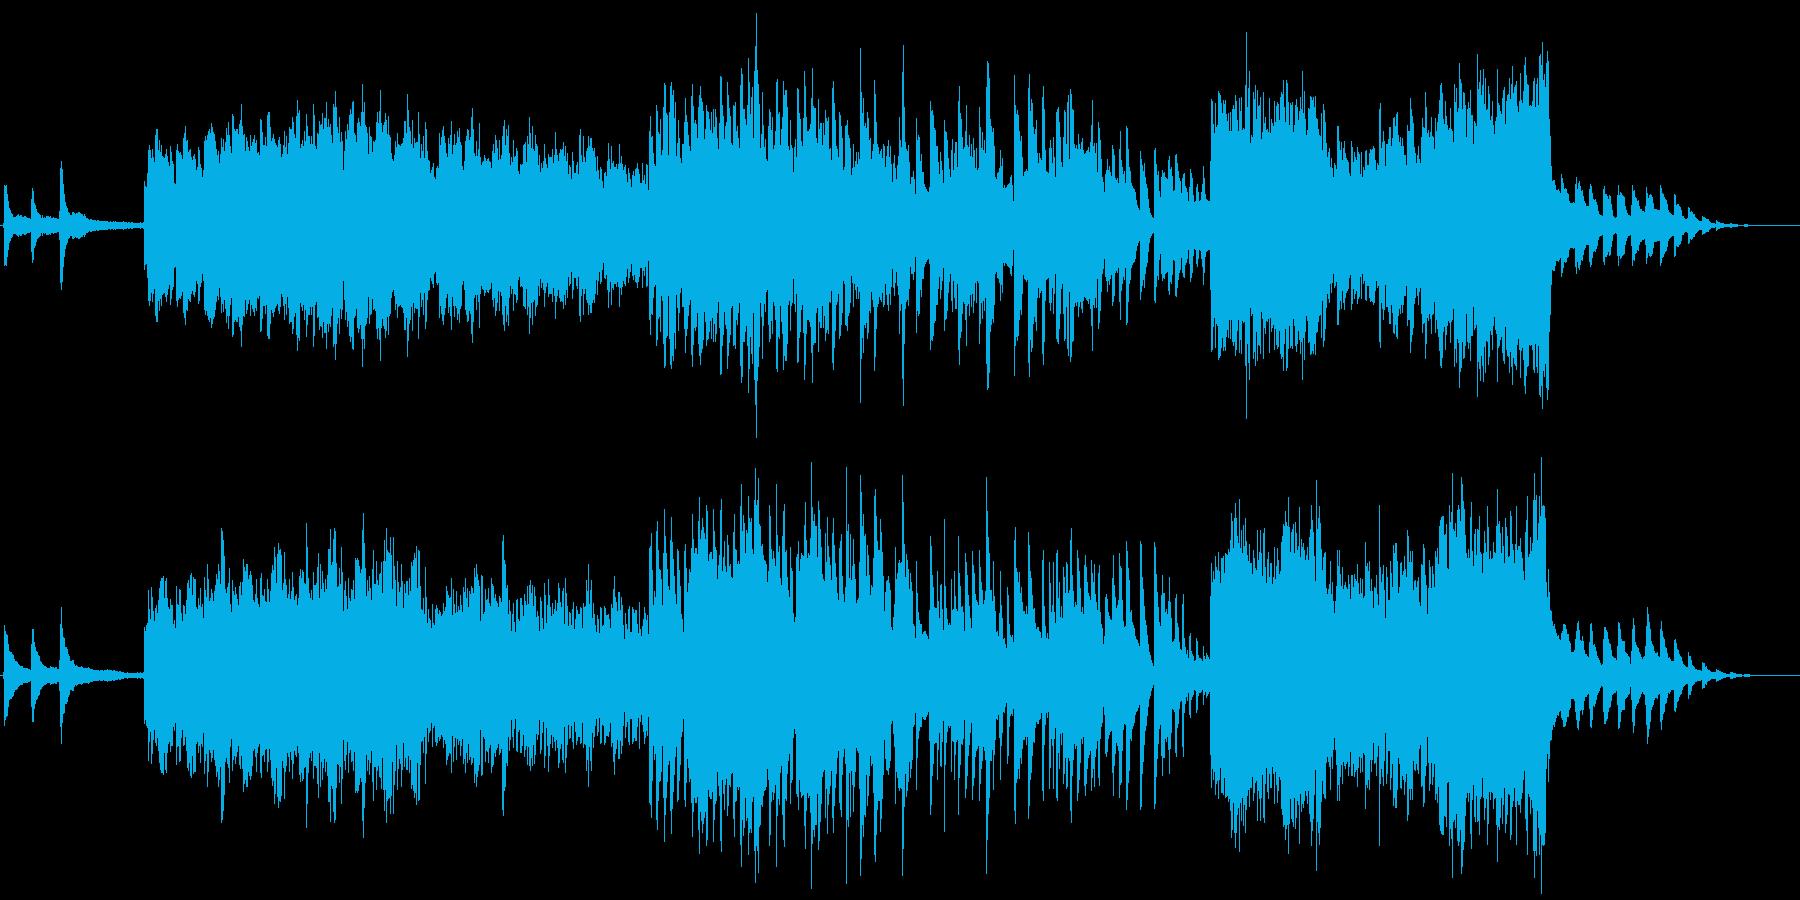 感動的なオーケストラの再生済みの波形